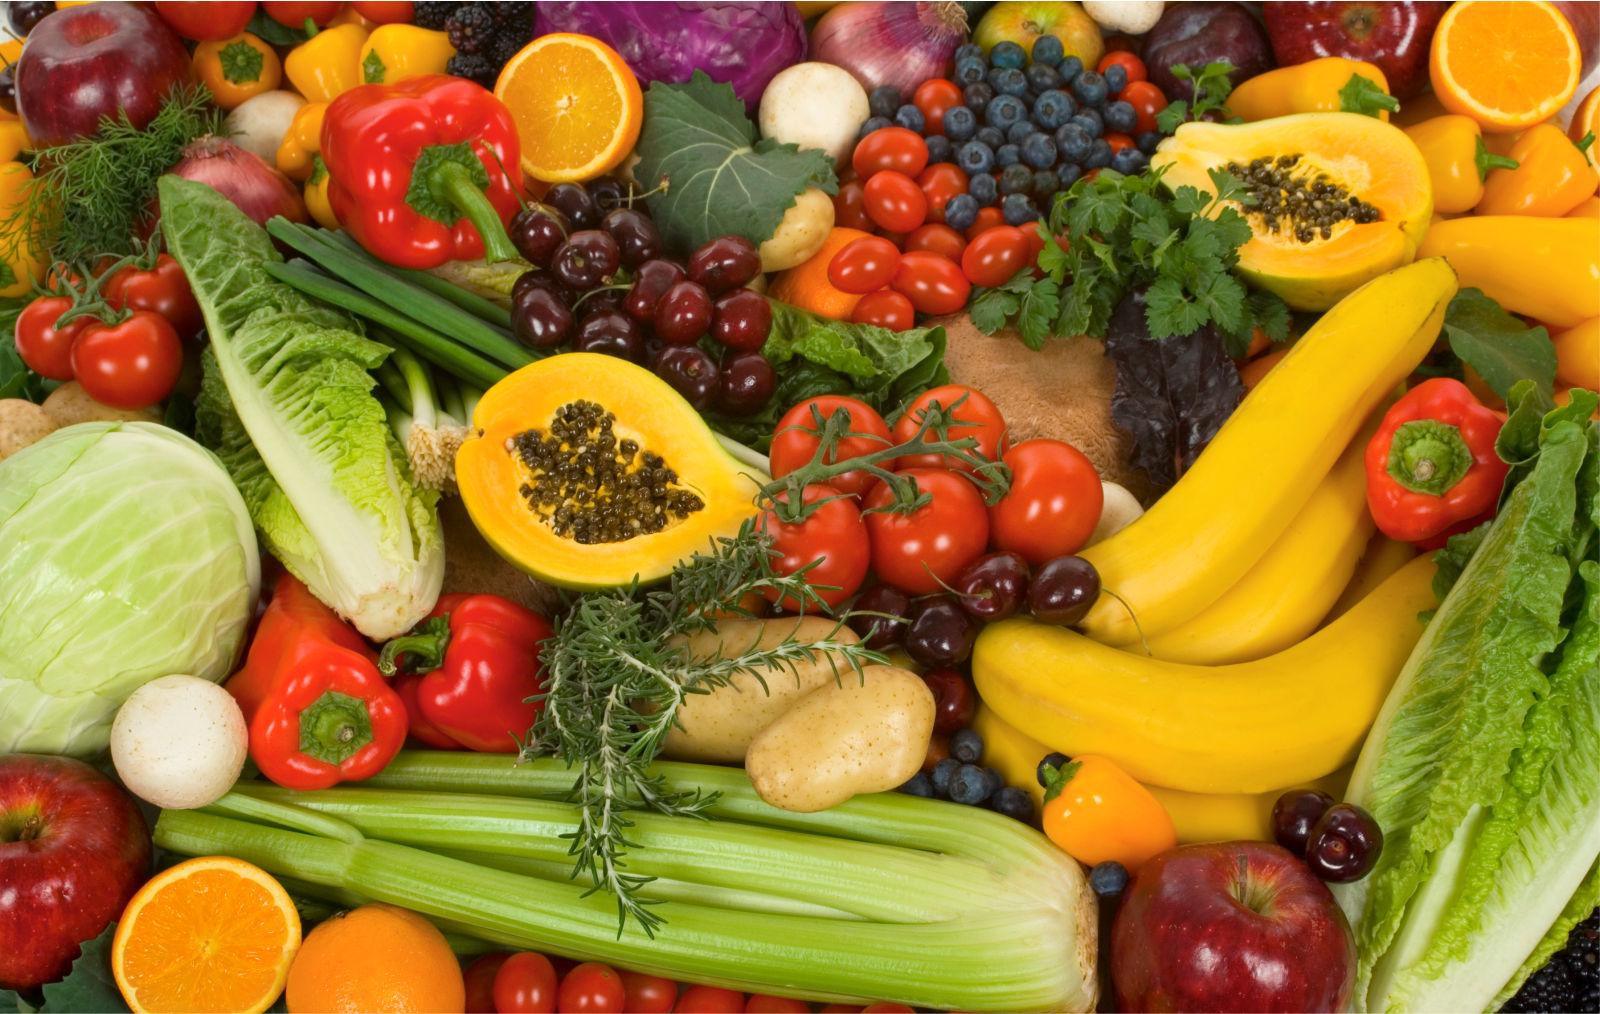 Los beneficios que aporta consumir fruta fresca